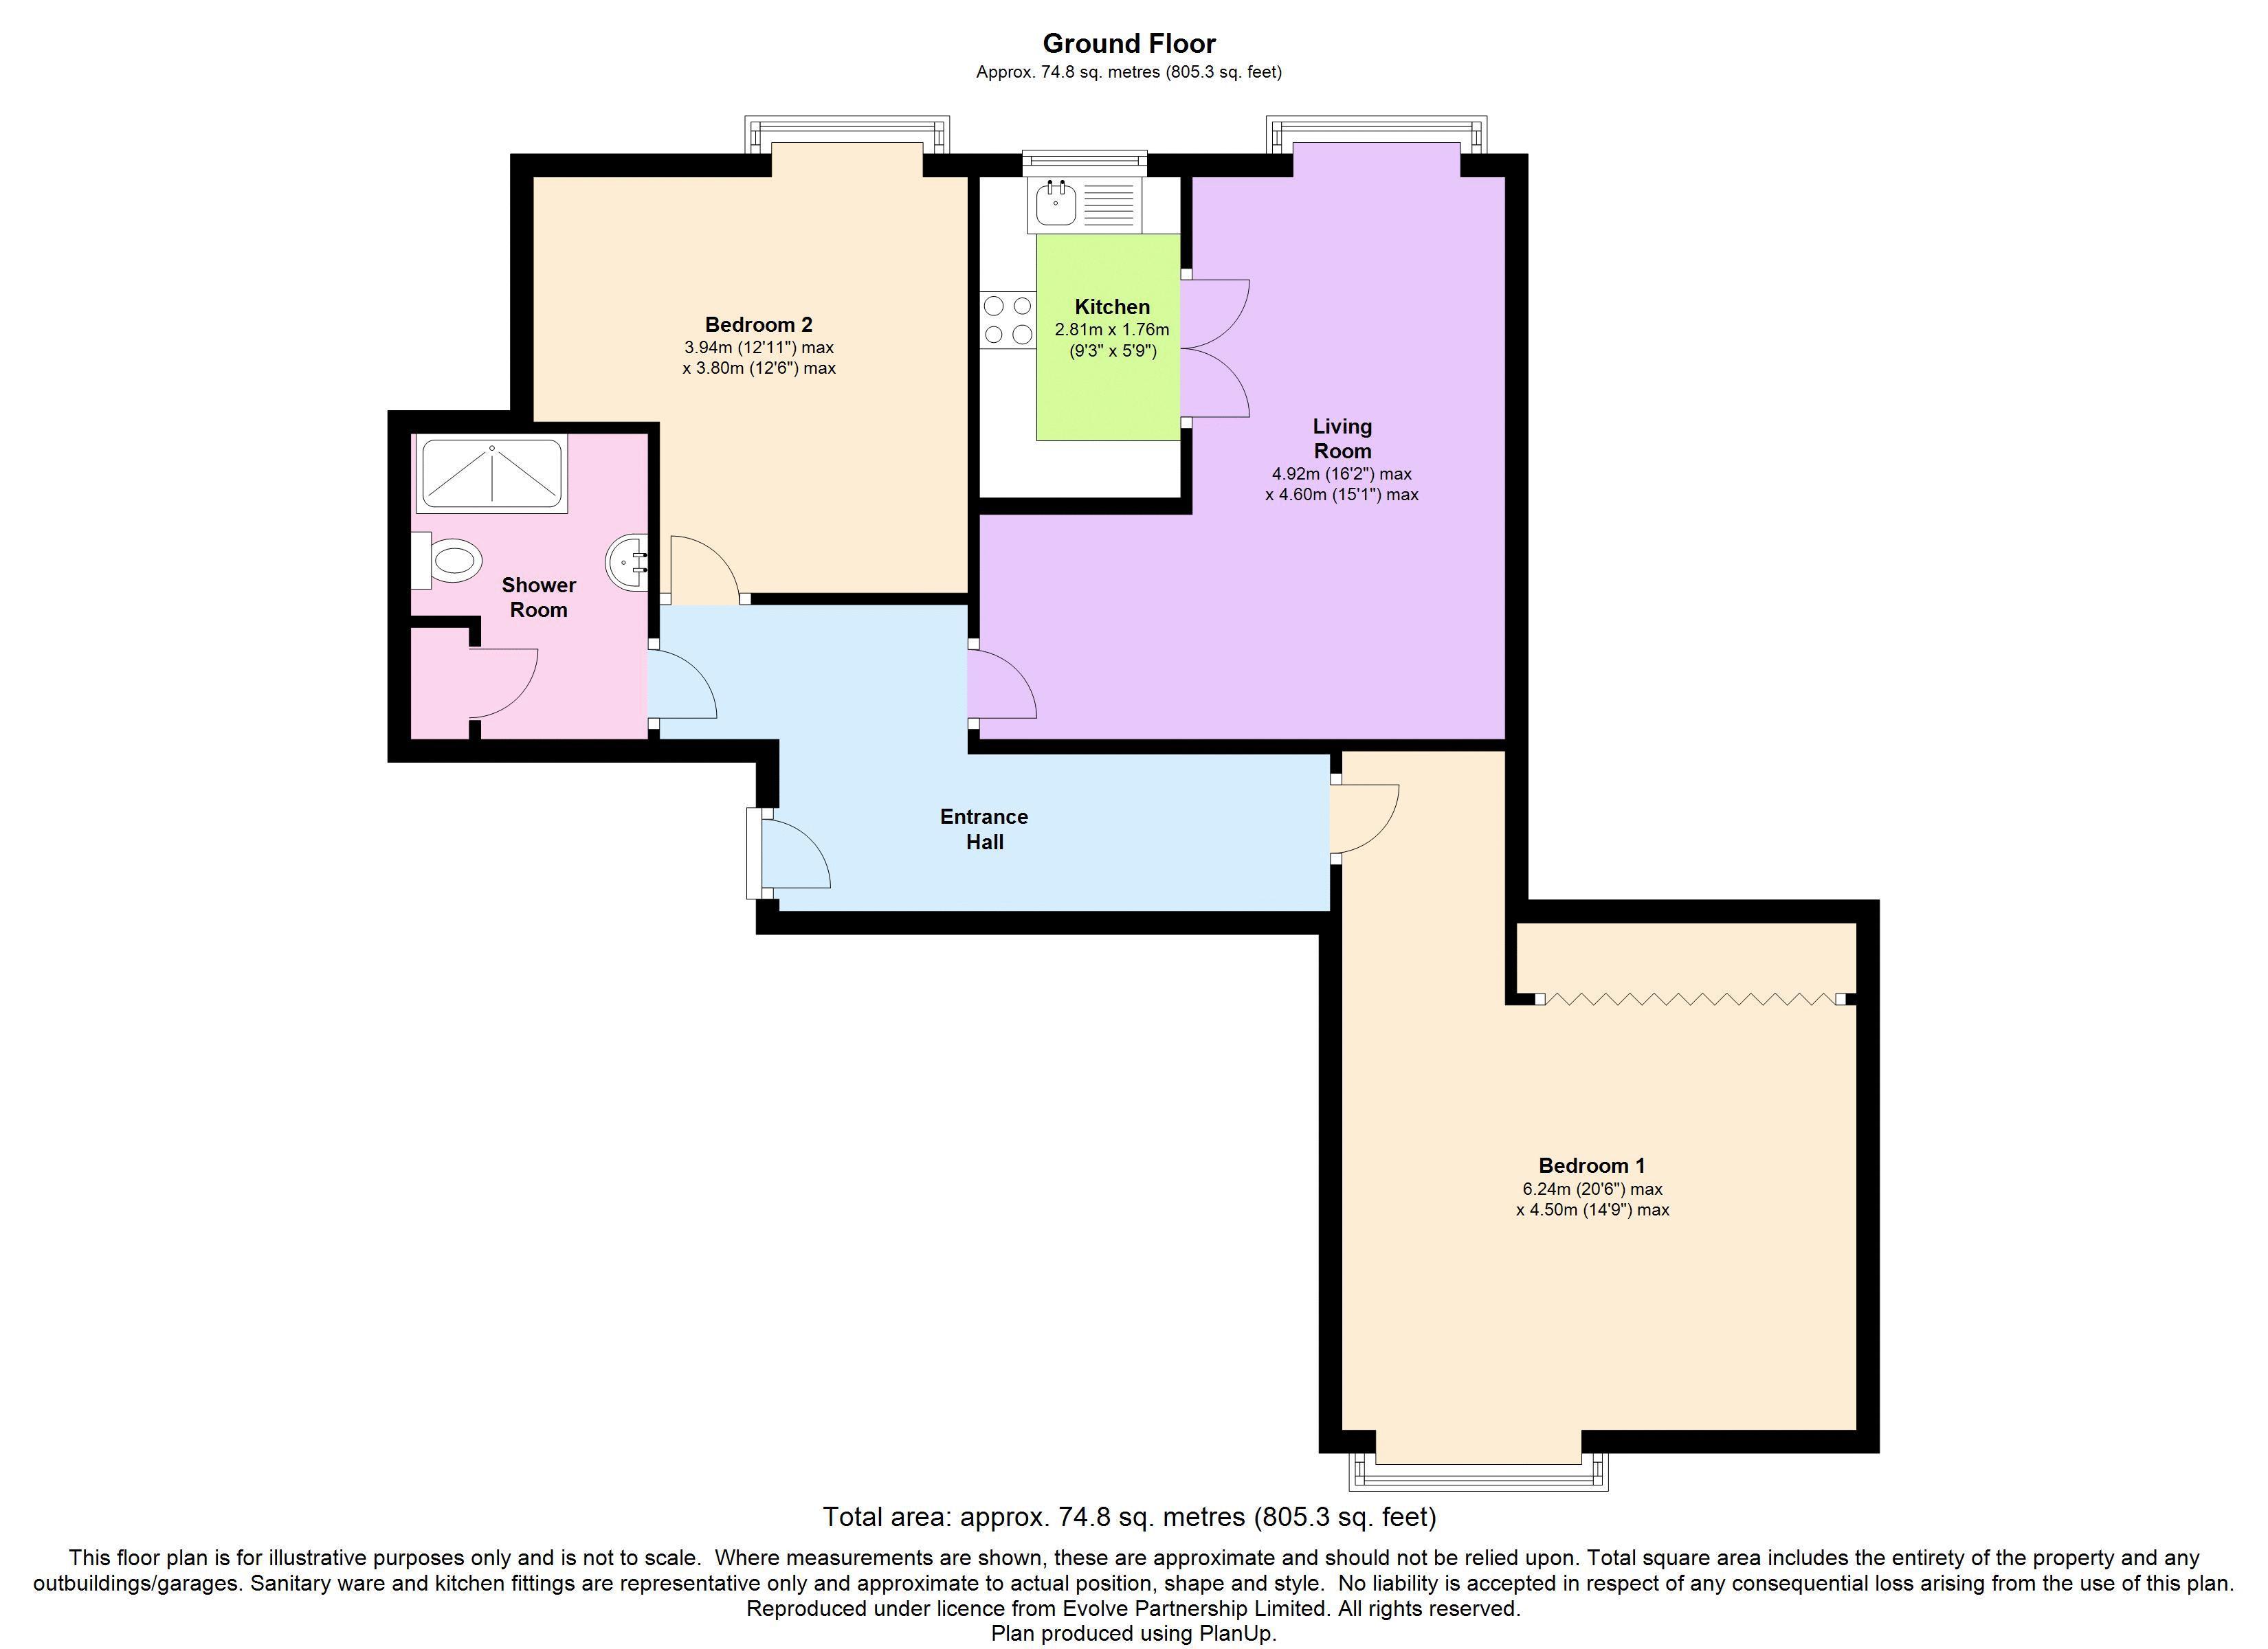 Shelves For Sale Helena Home Interior Design Trends